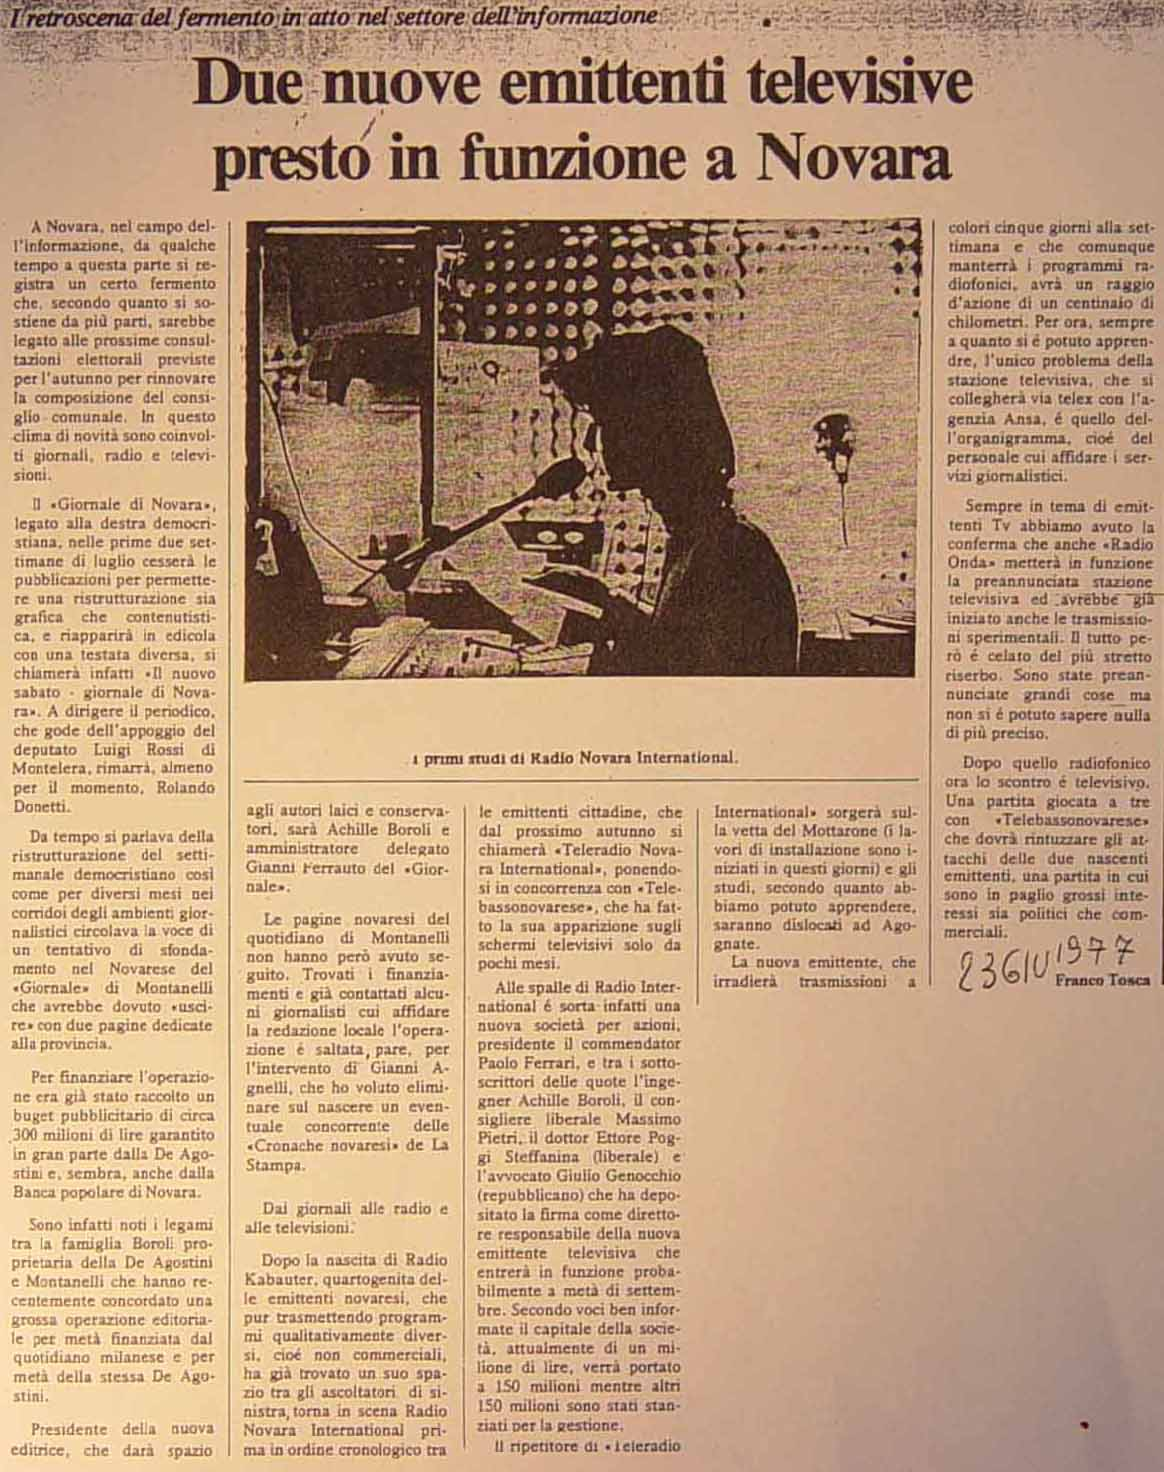 TBN articolo - Storia della radiotelevisione italiana. Piemonte, Telebassonovarese: dalla cupola della Basilica di San Gaudenzio